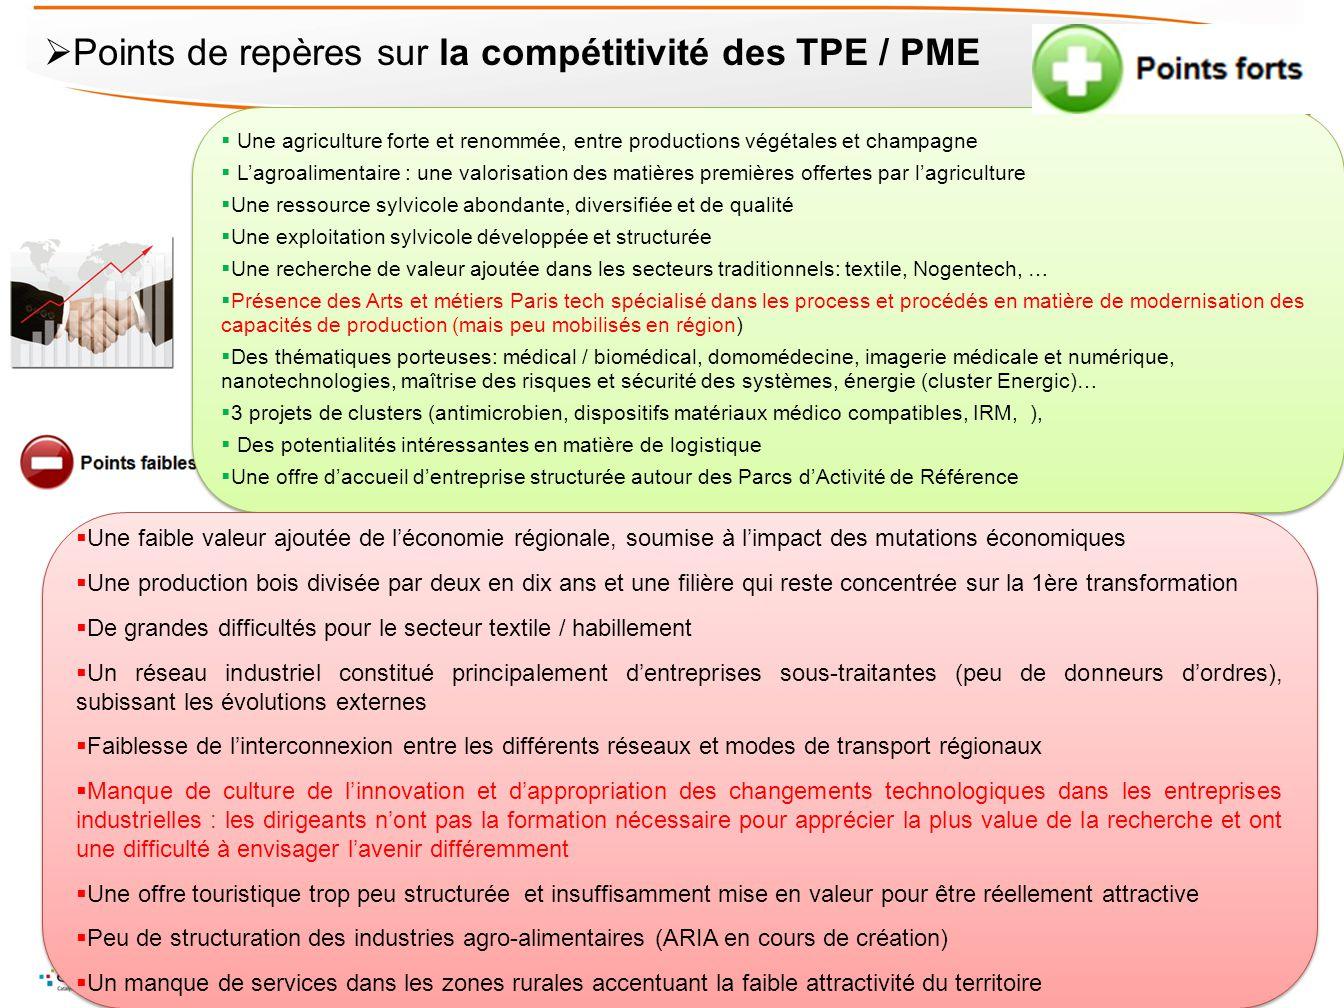 Points de repères sur la compétitivité des TPE / PME